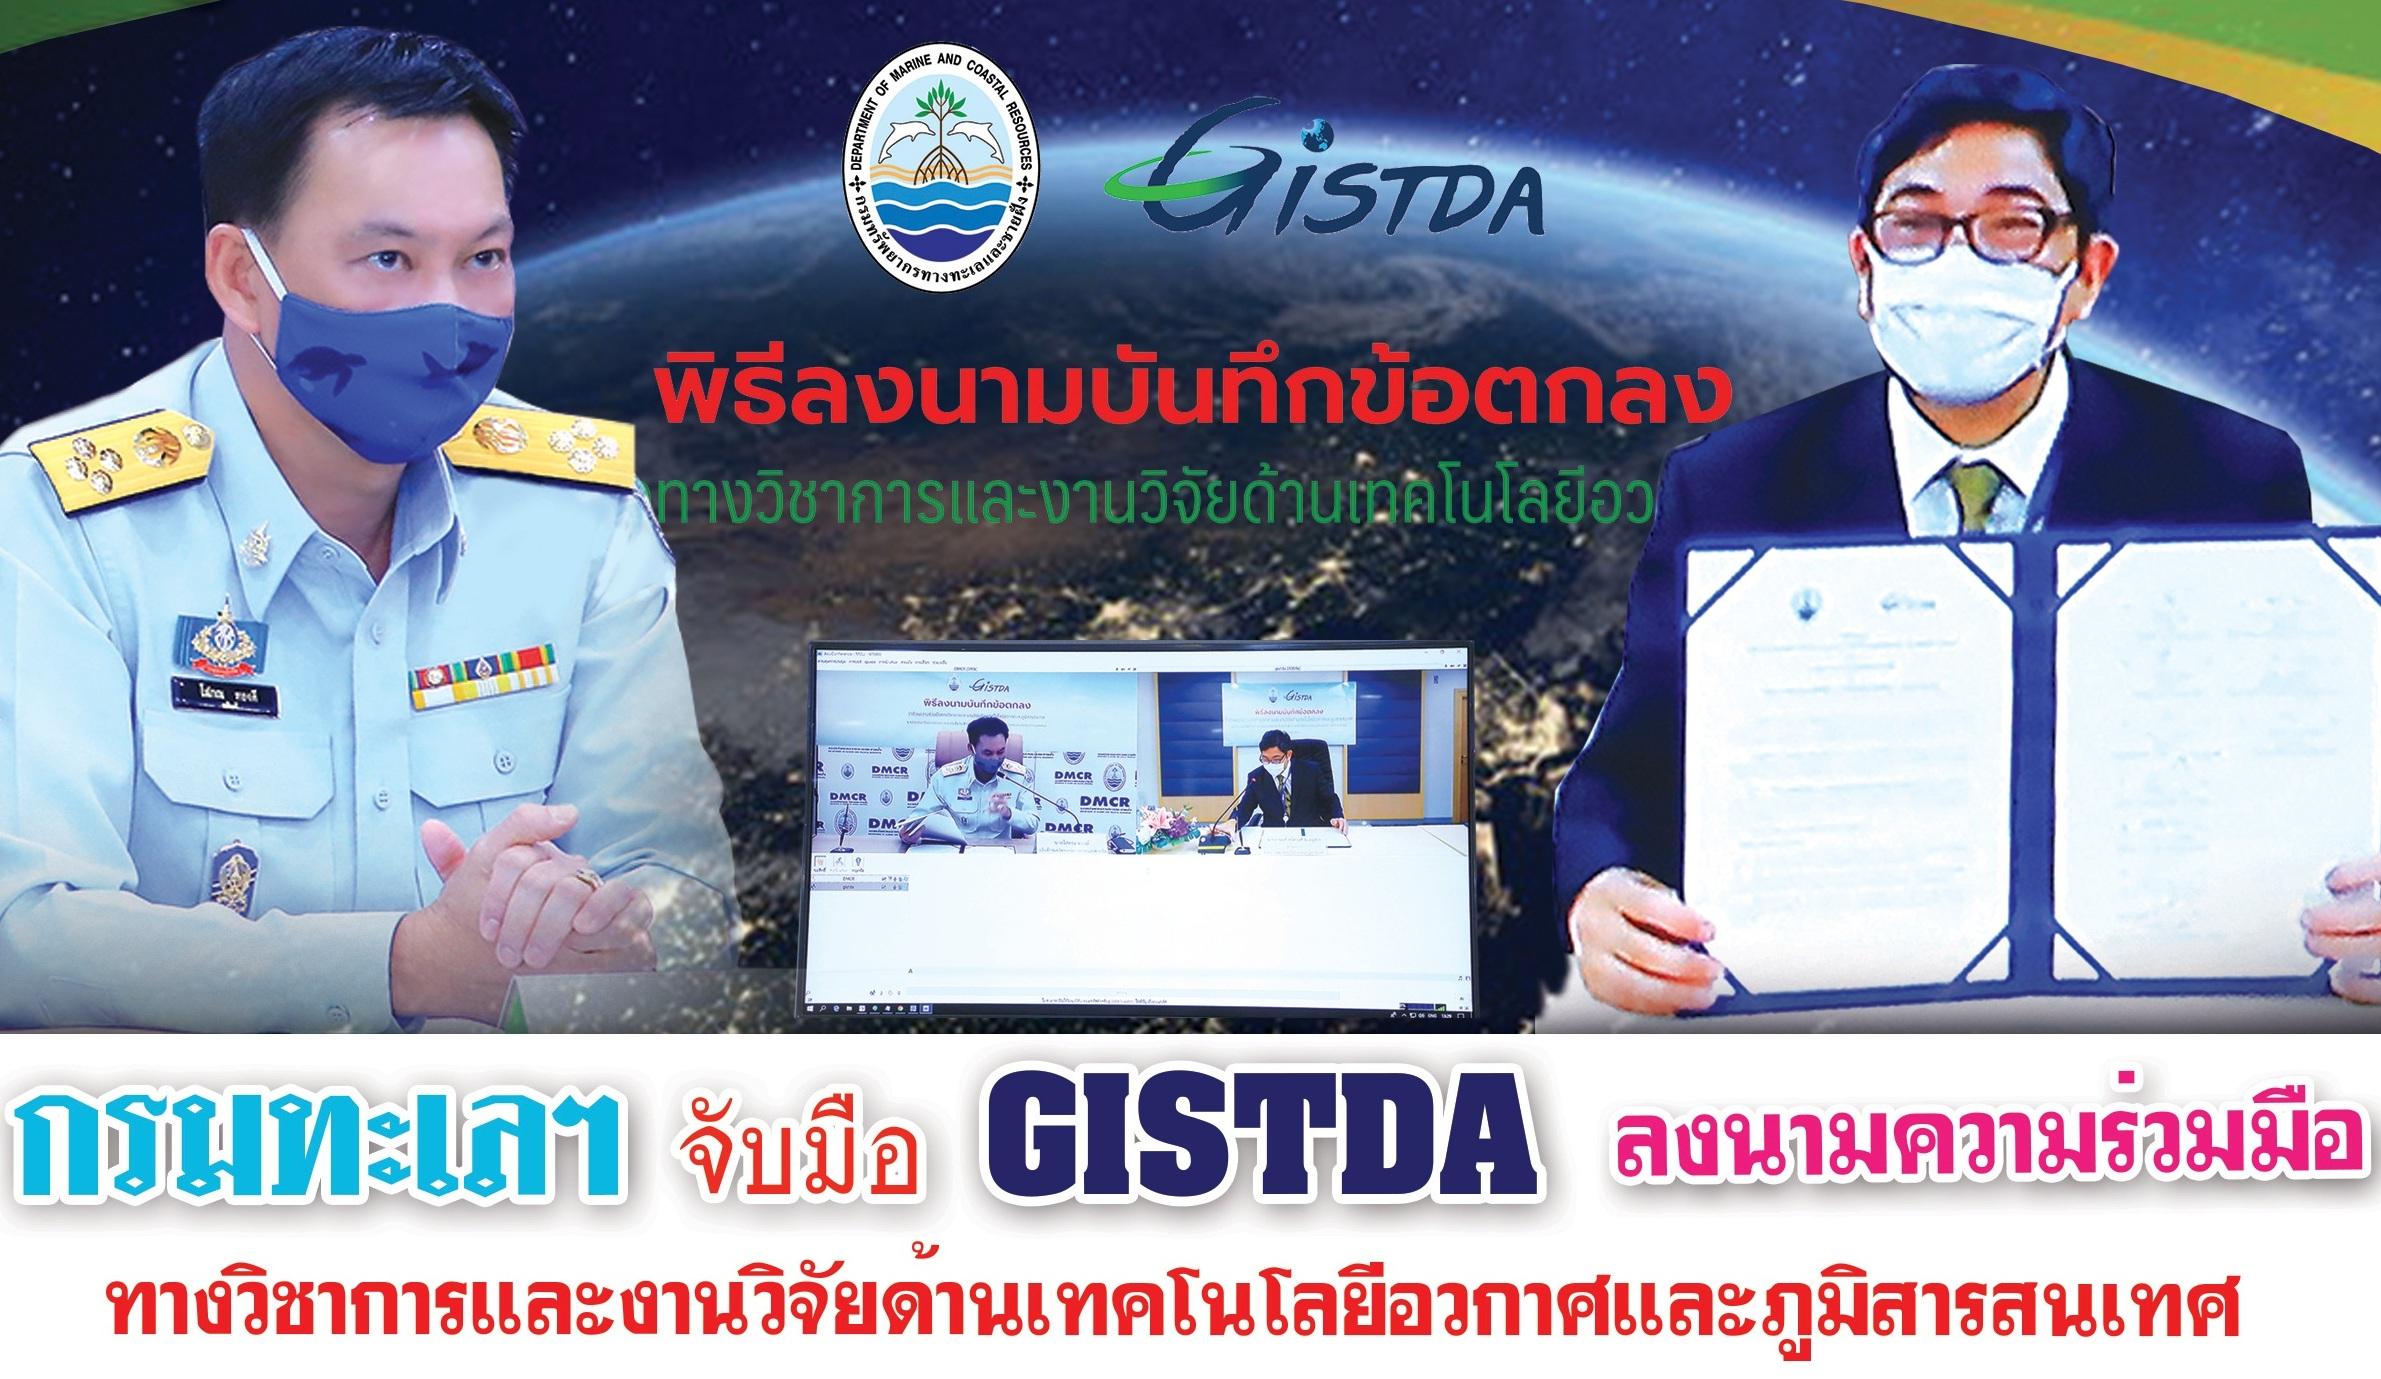 กรมทะเลฯ จับมือ GISTDA สานต่อความร่วมมือทางวิชาการและงานวิจัยด้านเทคโนโลยีอวกาศและภูมิสารสนเทศ